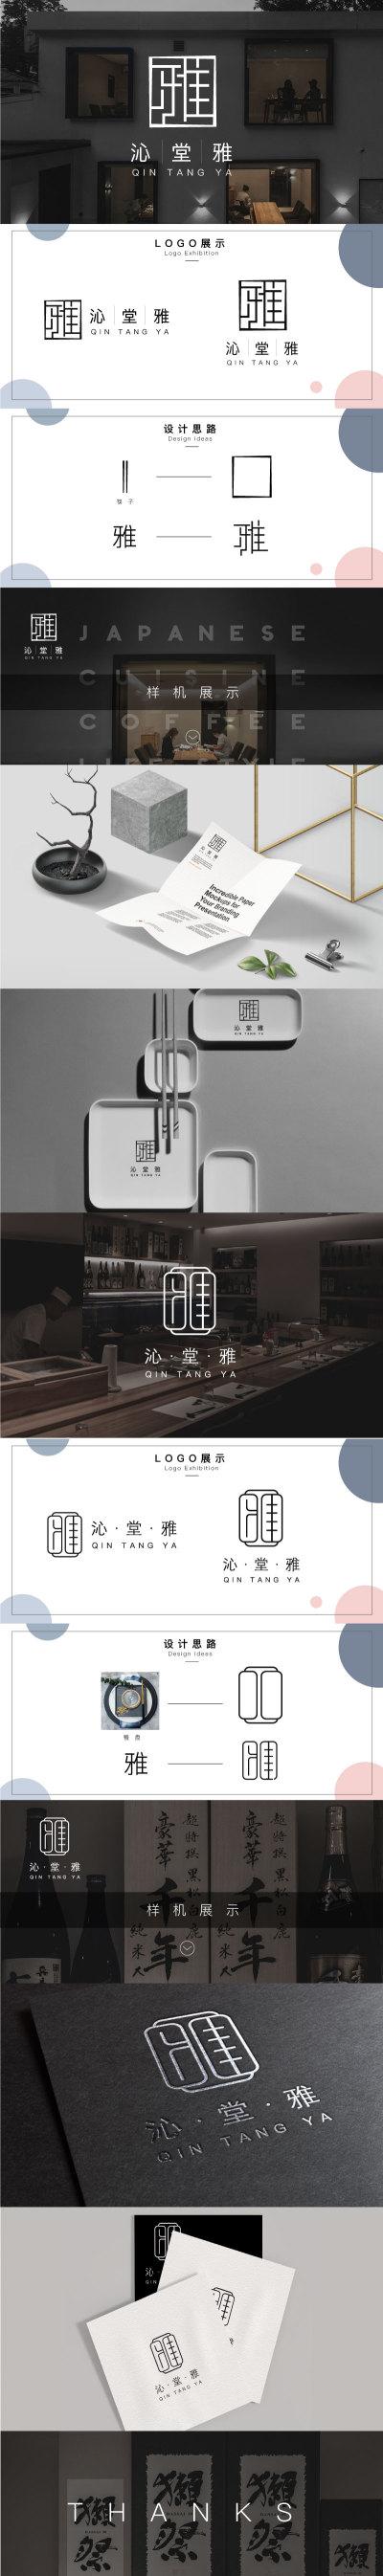 logo---餐饮店沁堂雅